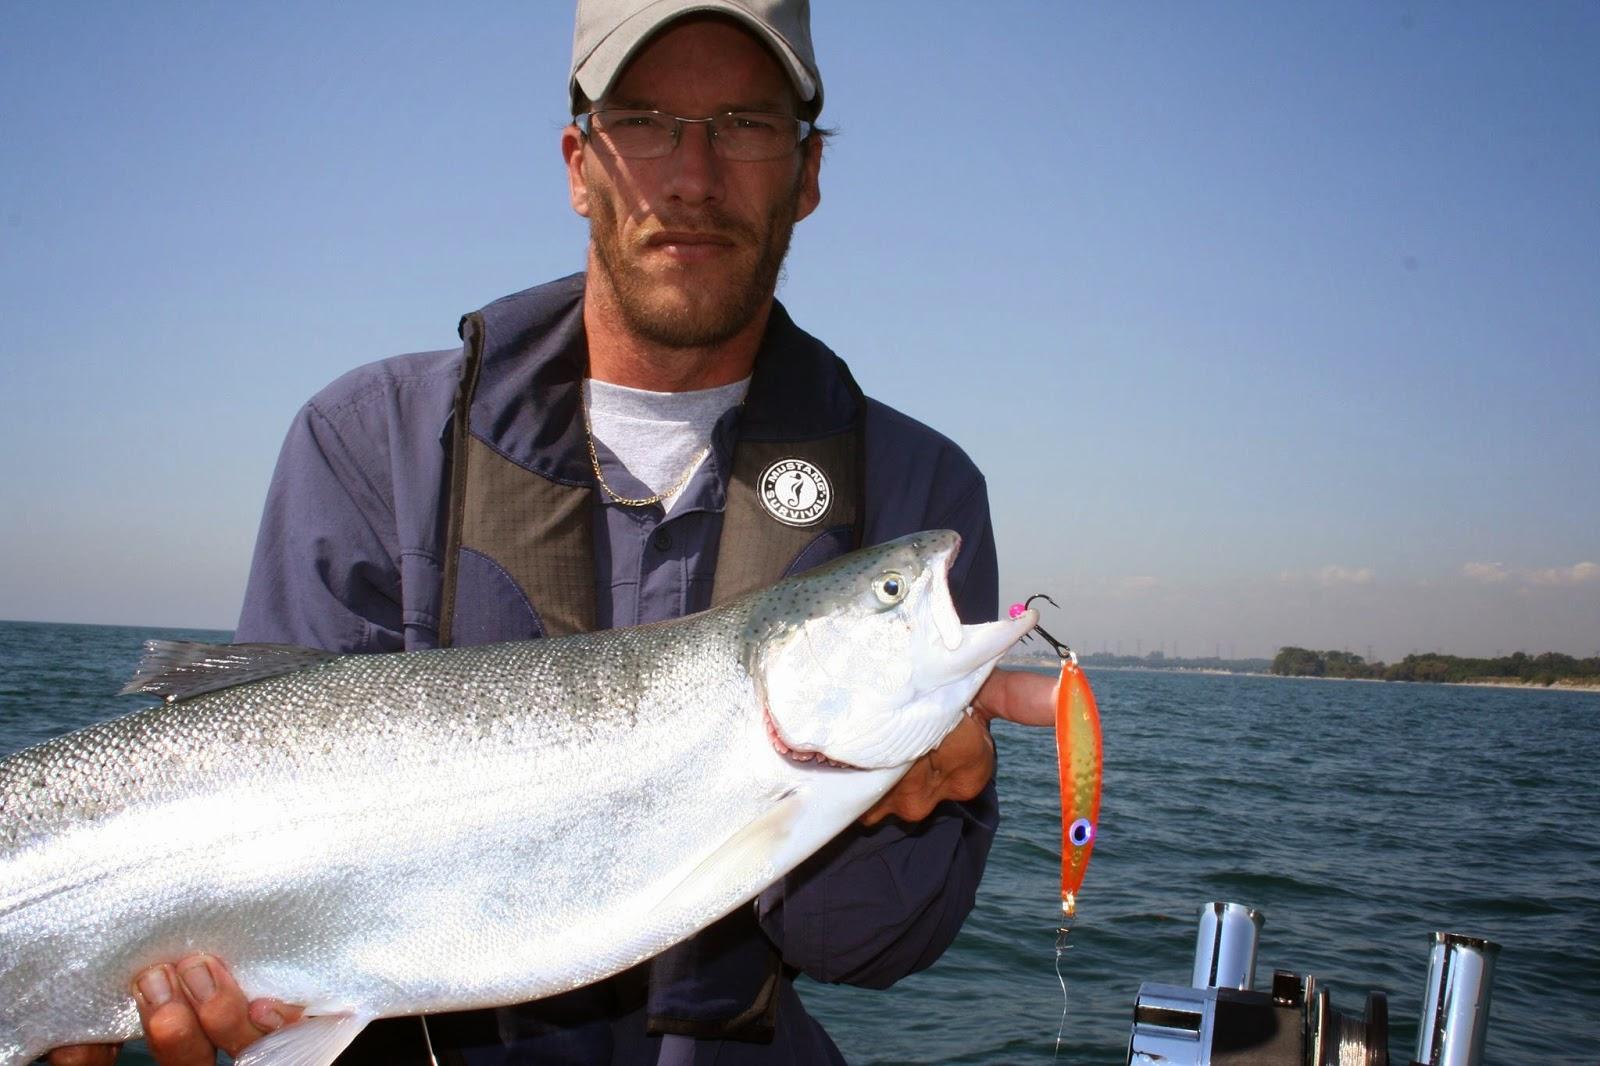 Yvan Rousseau, guide de pêche, lac Ontario, Baie de Quinte, Daniel Lefaivre